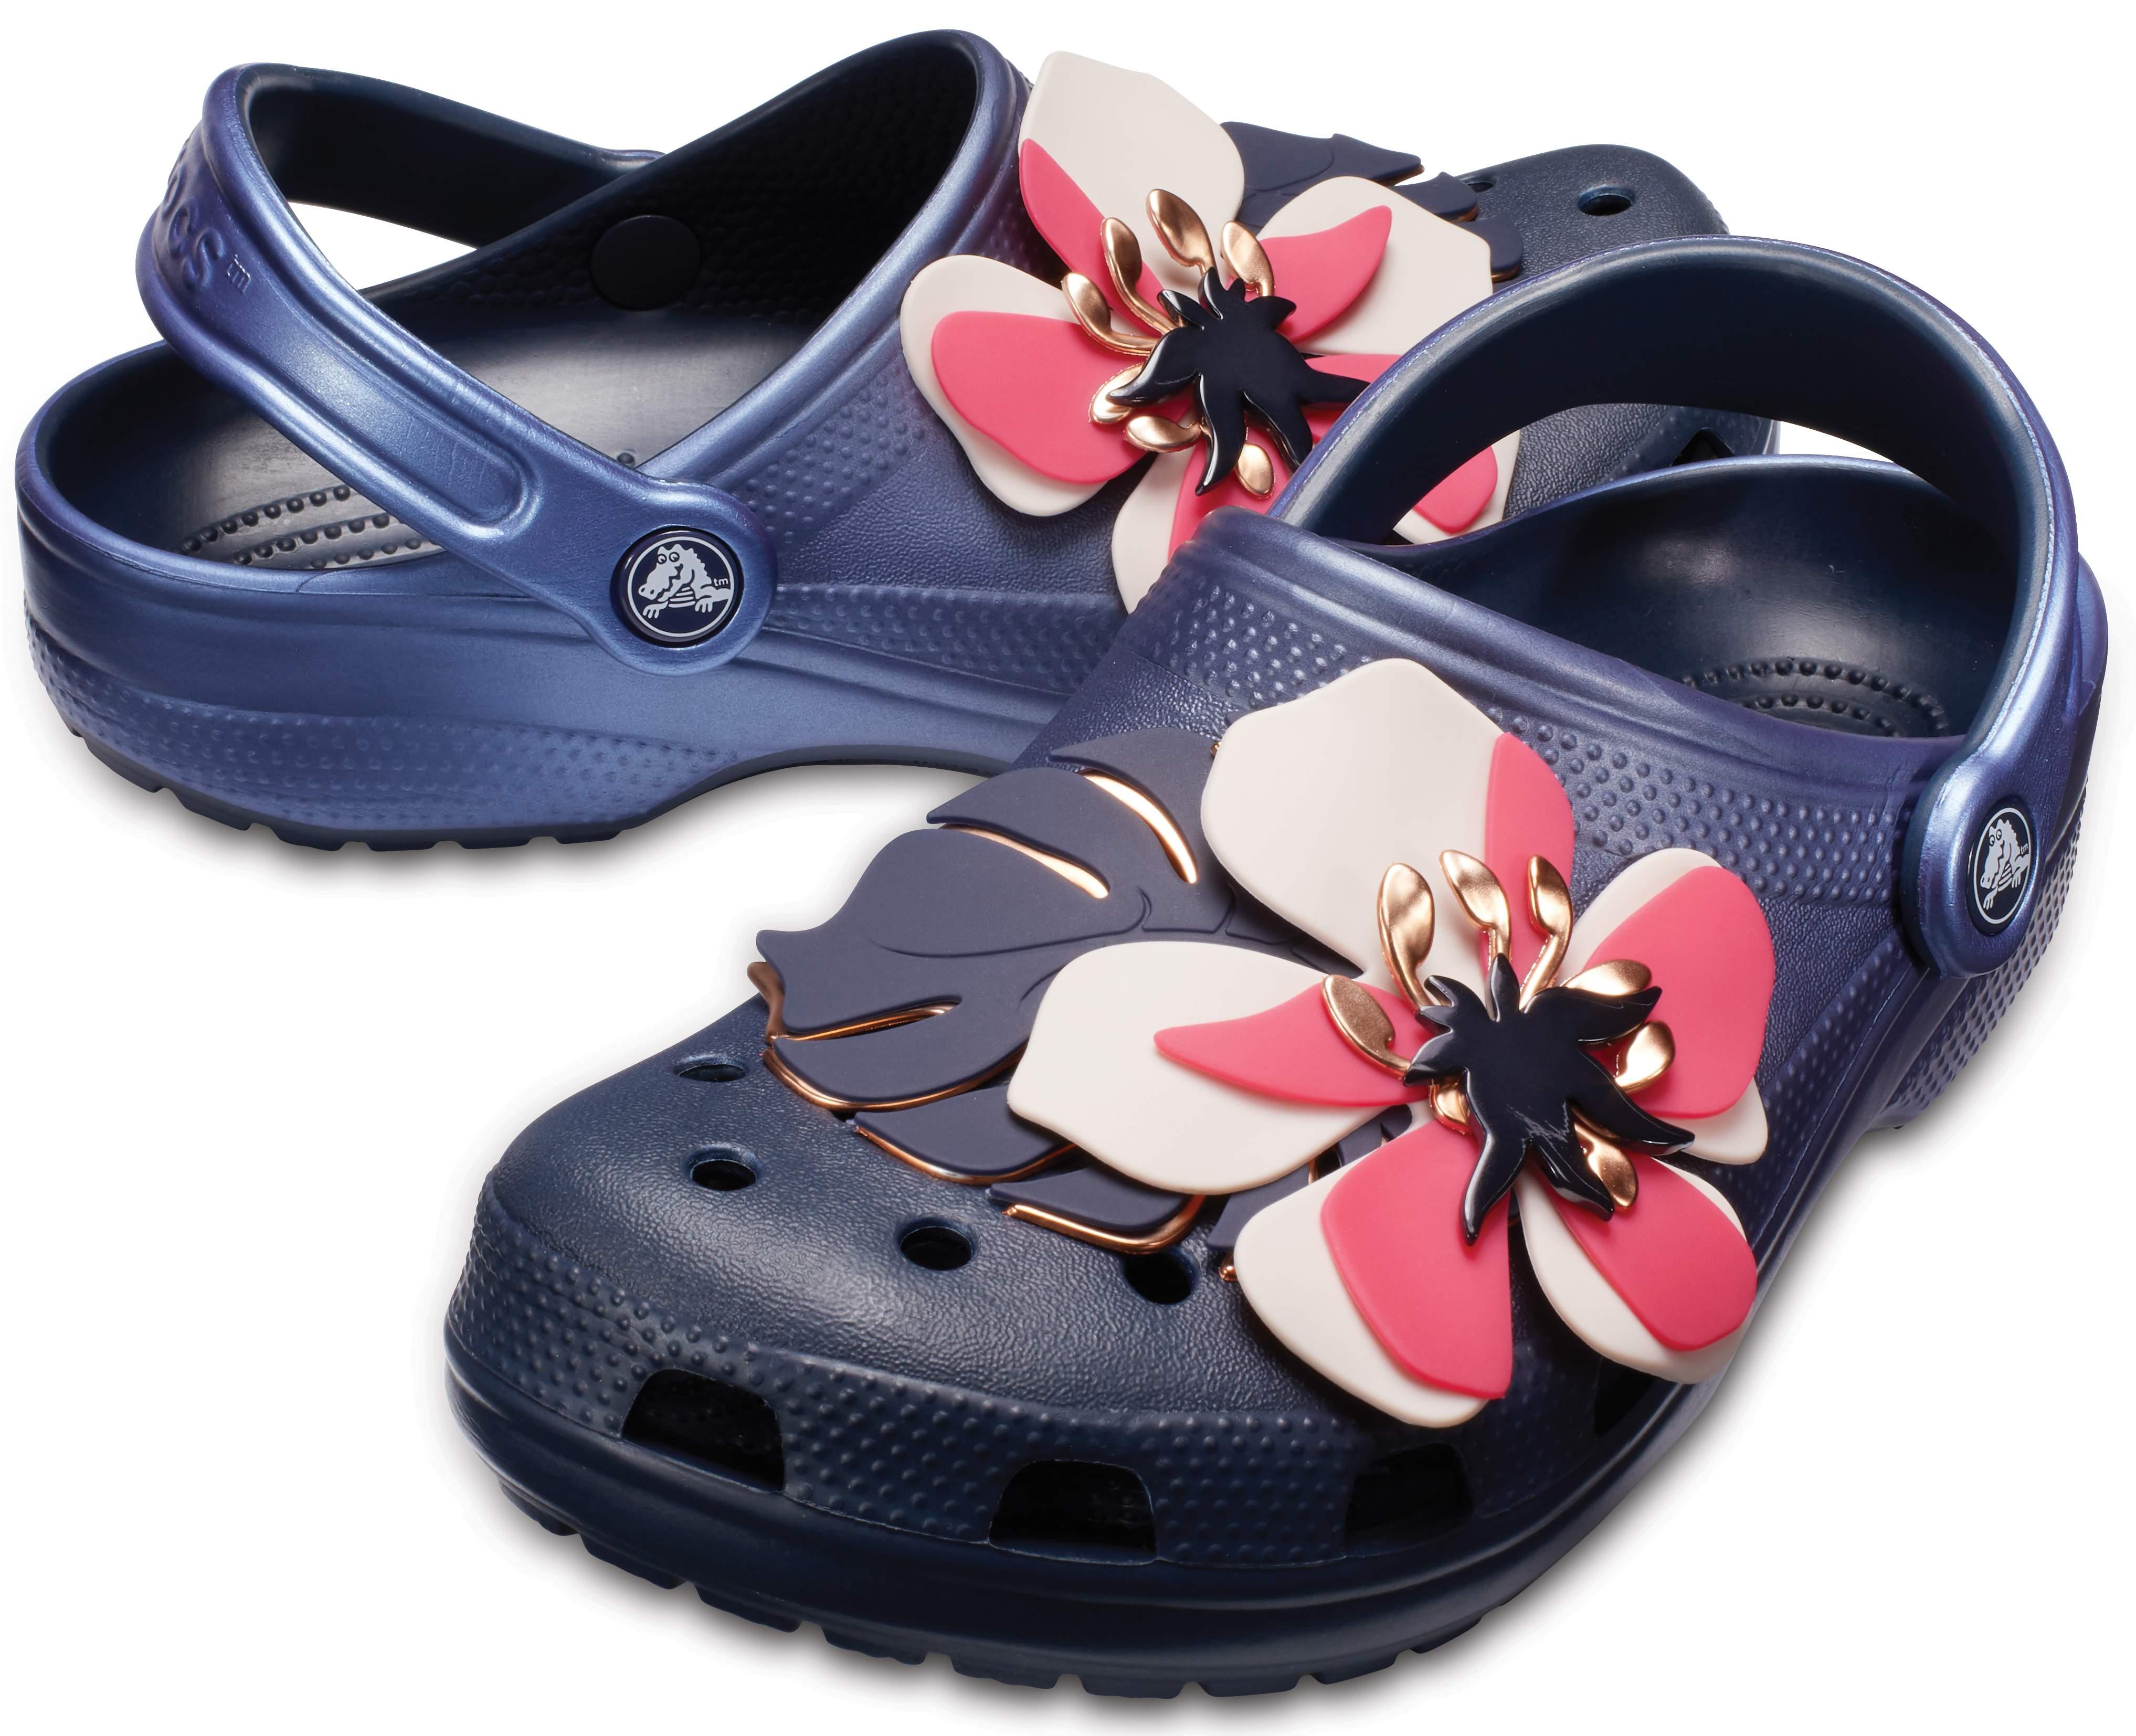 【クロックス公式】 クラシック ボタニカル フローラル クロッグ Classic Botanical Floral Clog ユニセックス、メンズ、レディース、男女兼用 ブルー/青 22cm clog クロッグ サンダル 37%OFF